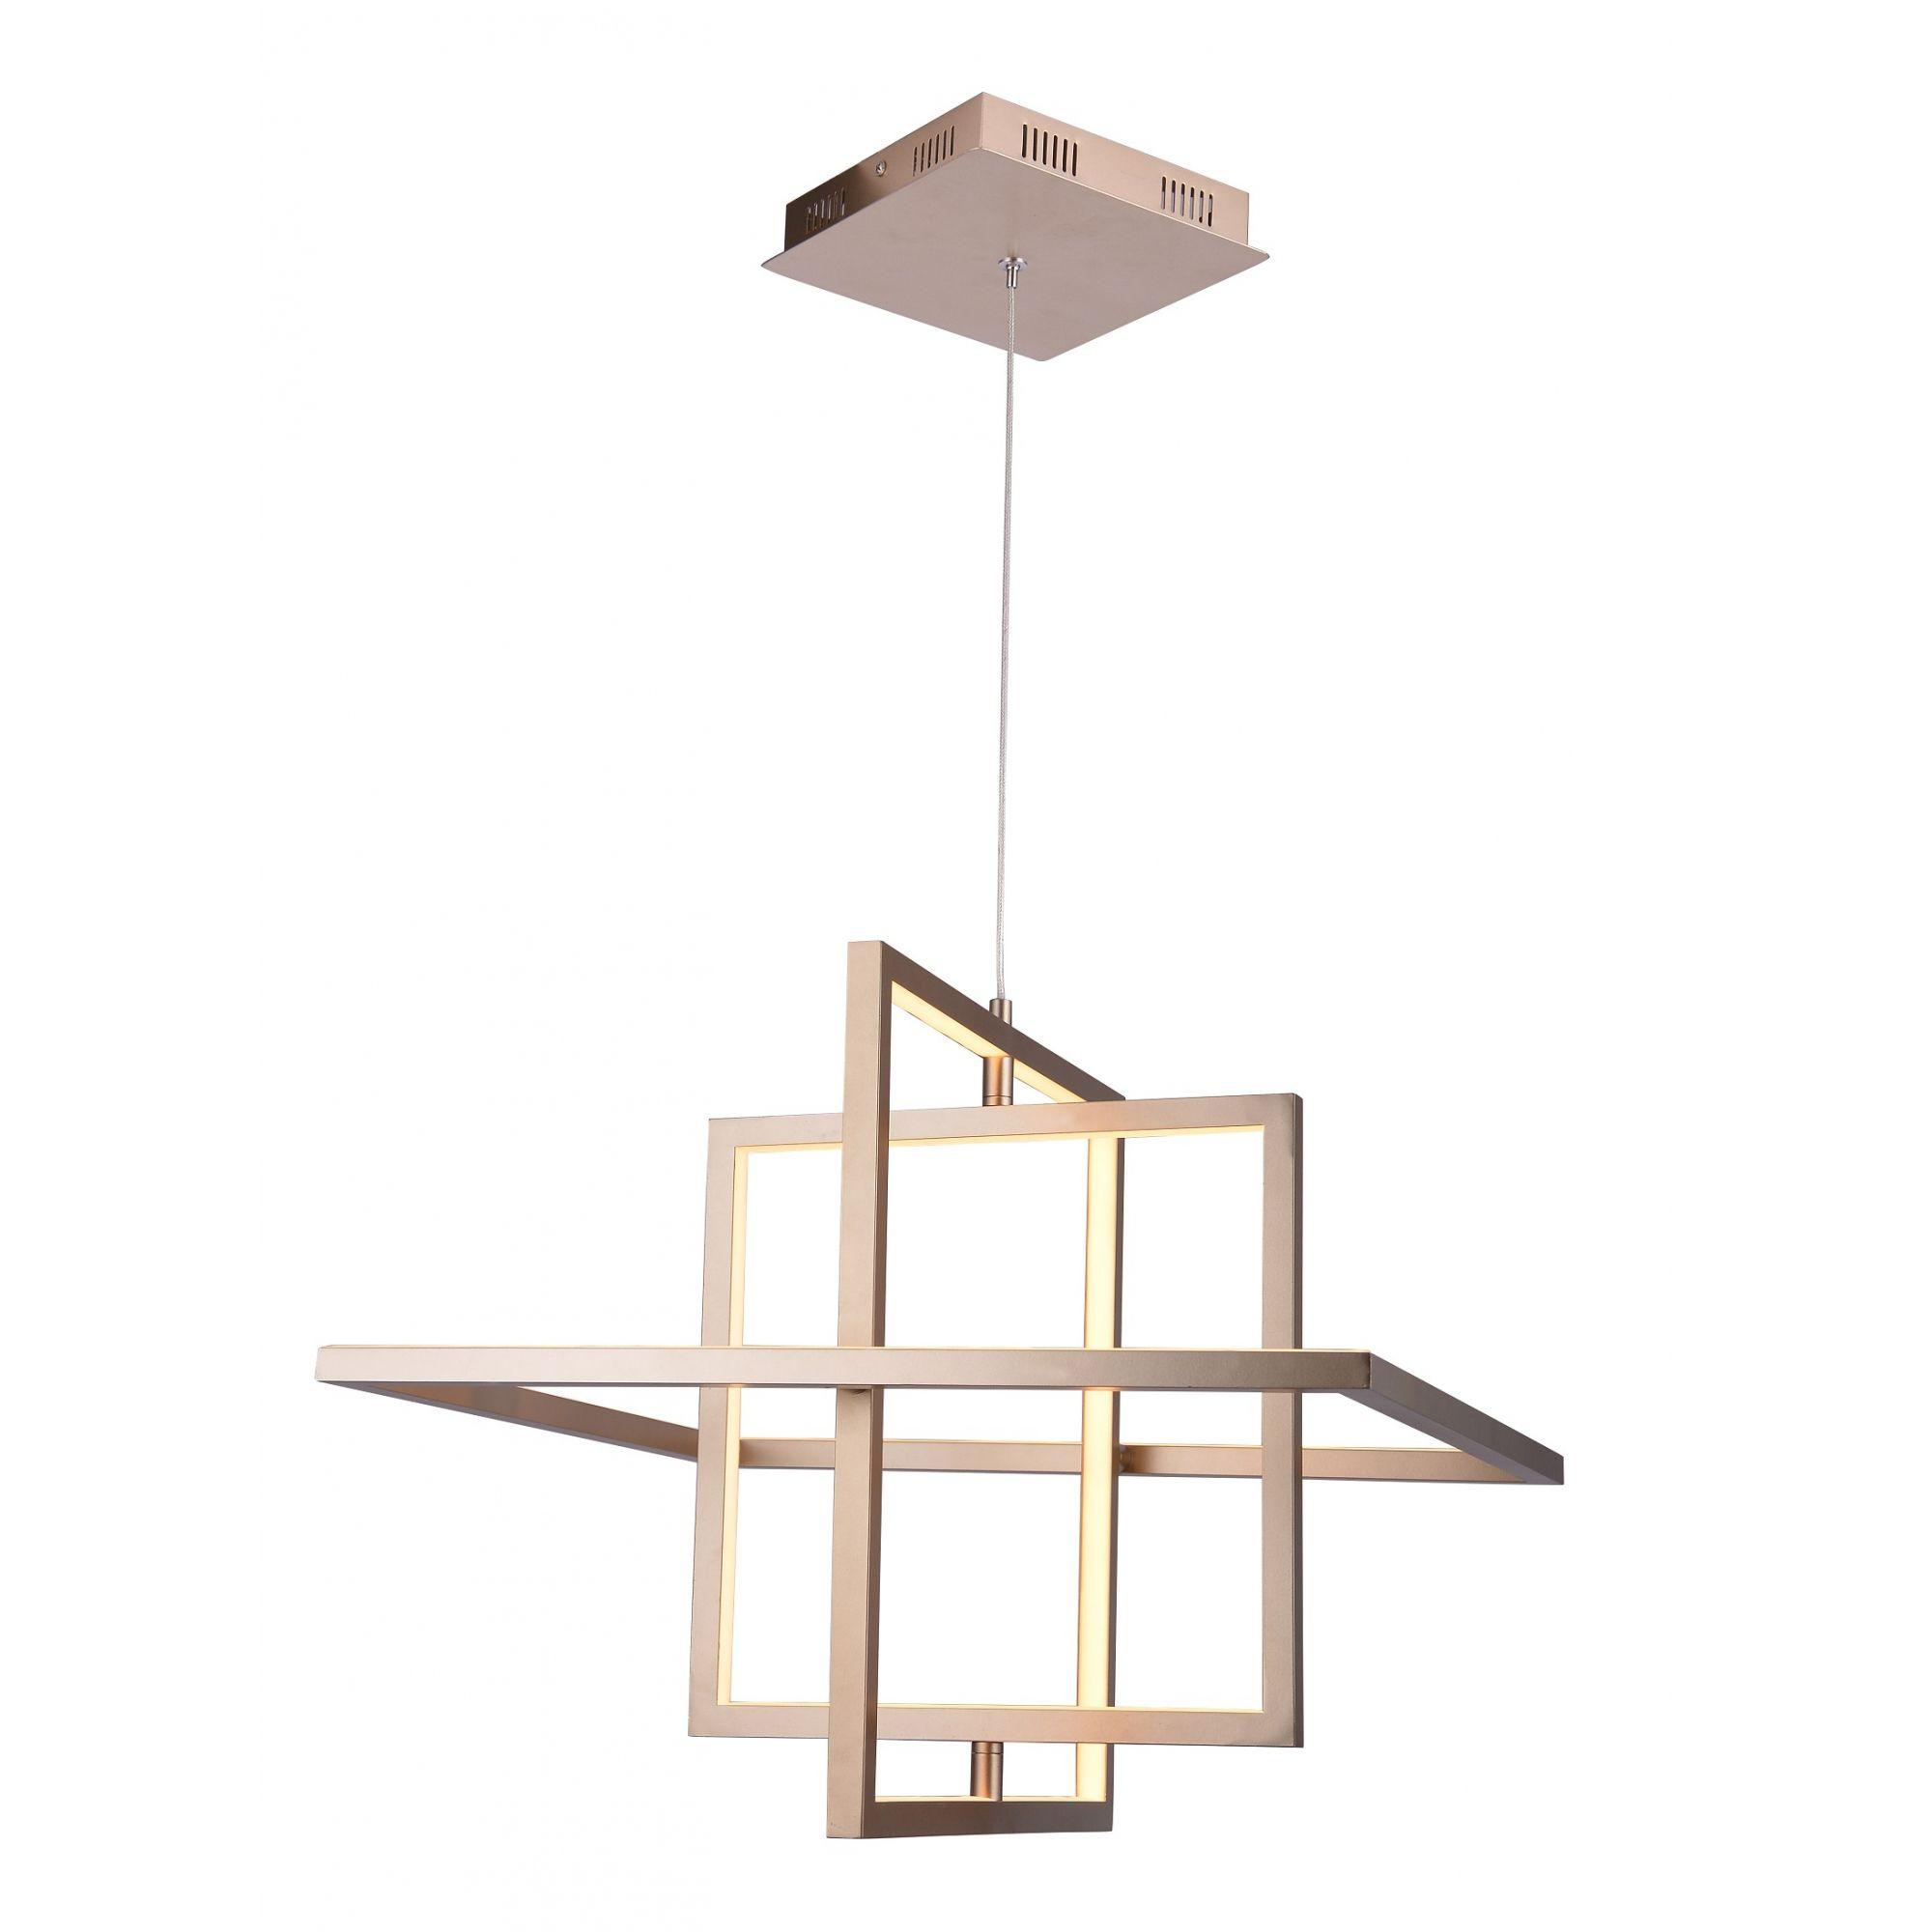 Pendente LED Casual Light Quality PD1243-DO Square 32W 3000K Bivolt  Ø500x500mm Dourado